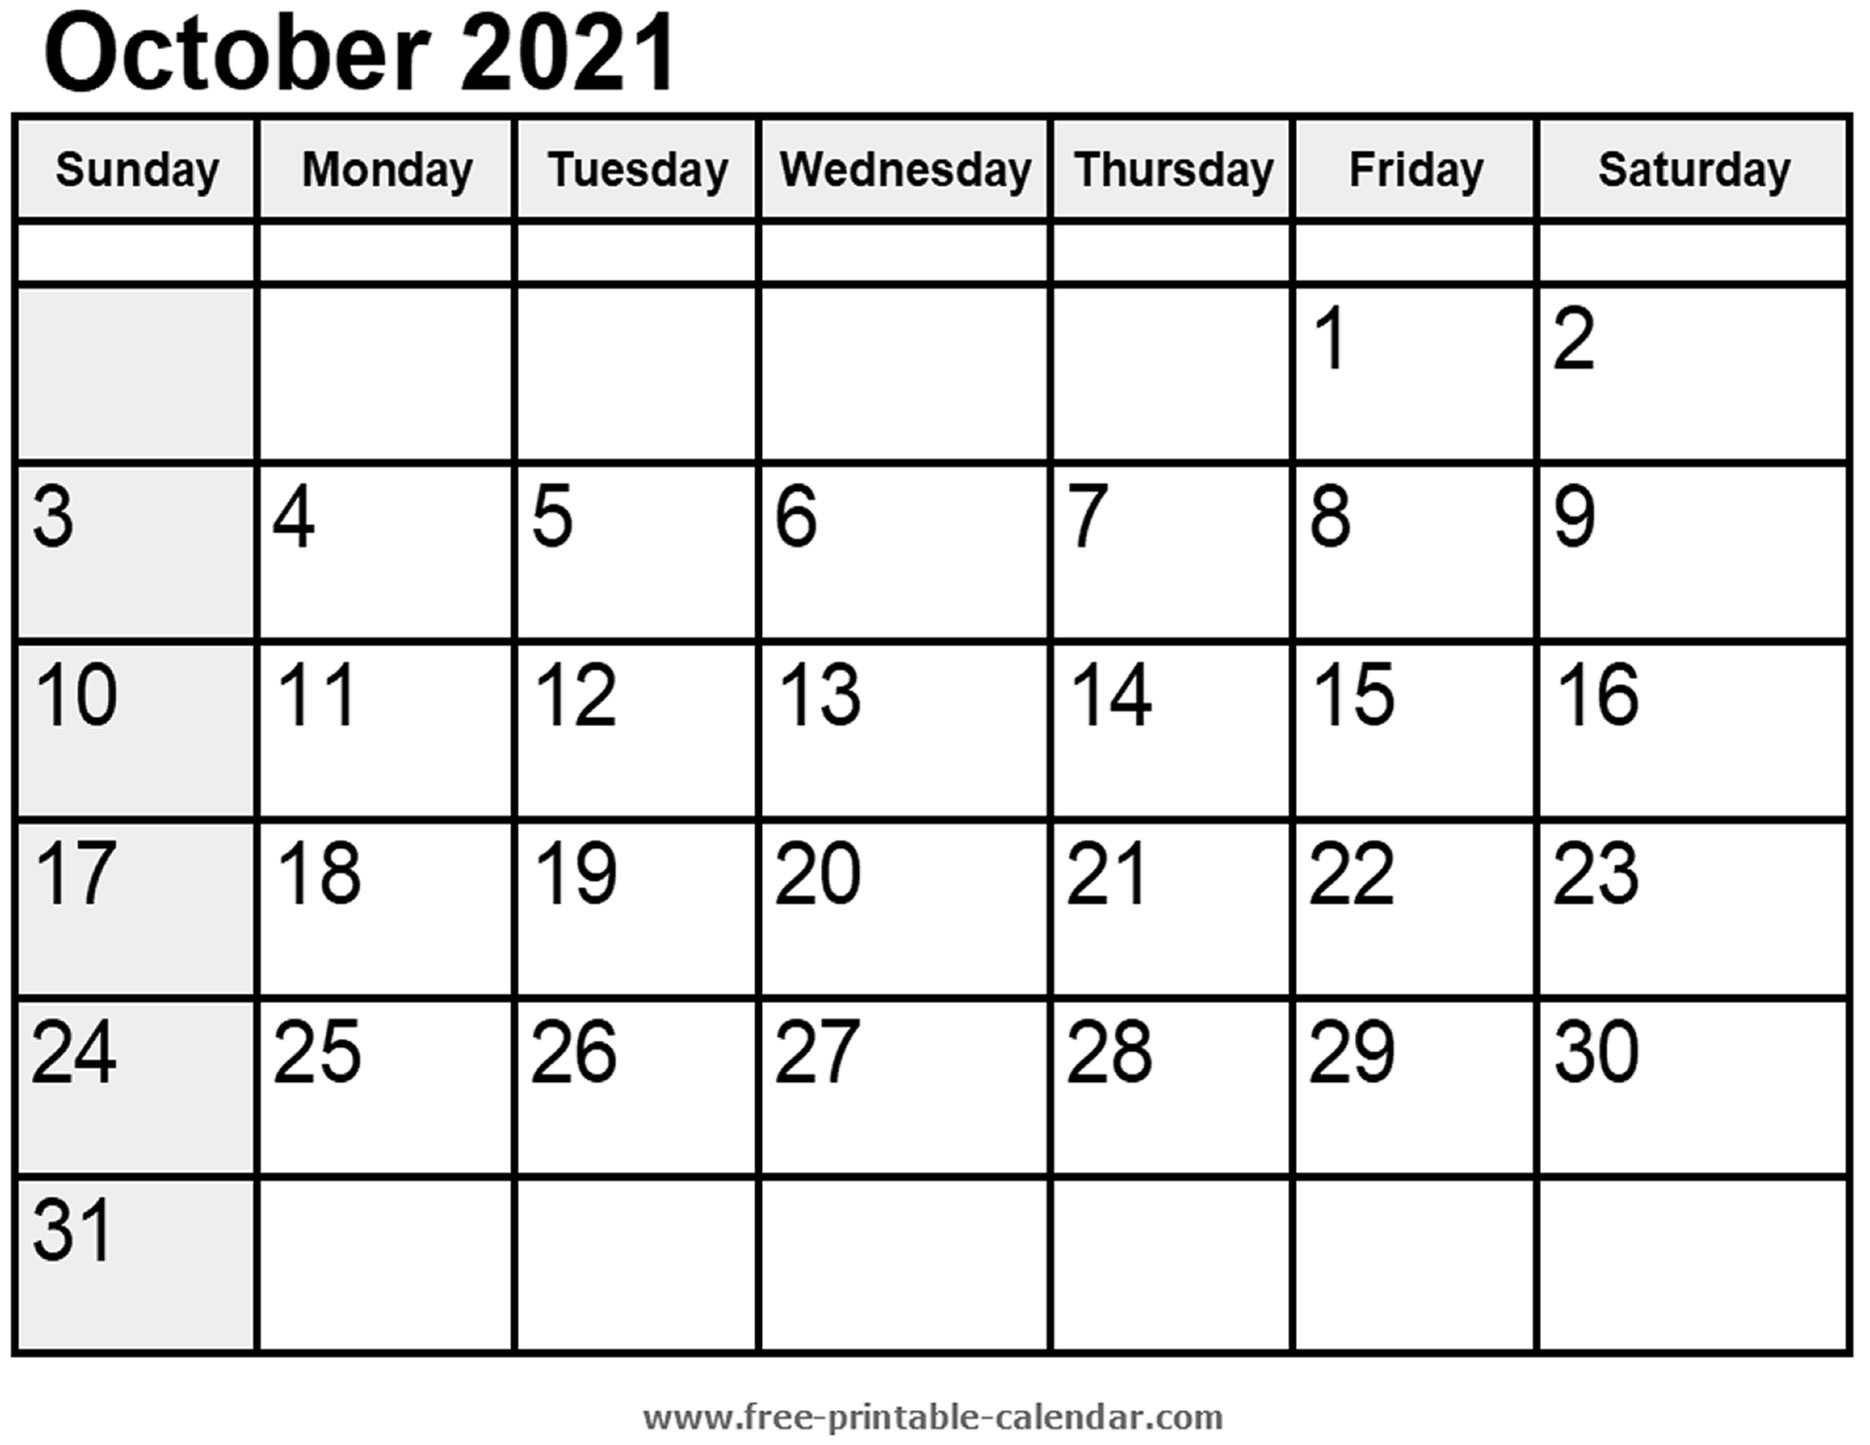 Calendar October 2021 - Free-Printable-Calendar